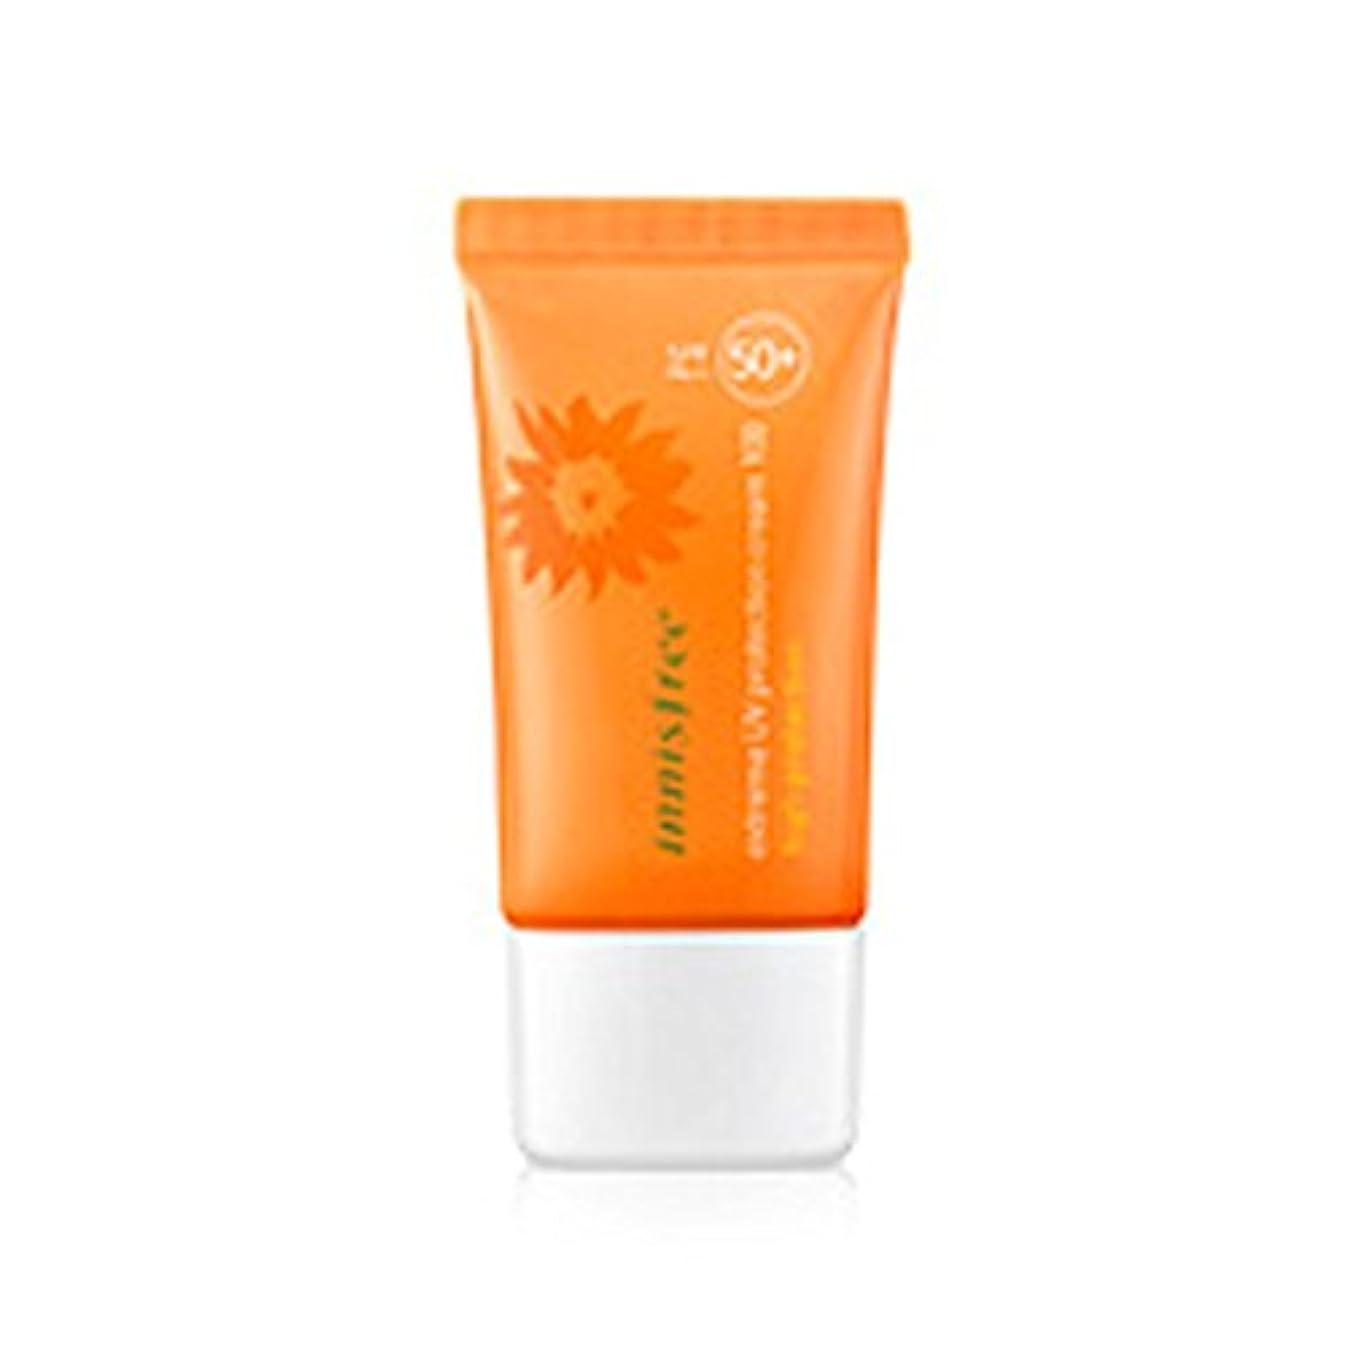 離れた尊敬するファランクスイニスフリーエクストリームUVプロテクションクリーム100ハイプロテクション50ml   SPF50 + PA +++ Innisfree Extreme UV Protection Cream100 High Protection...